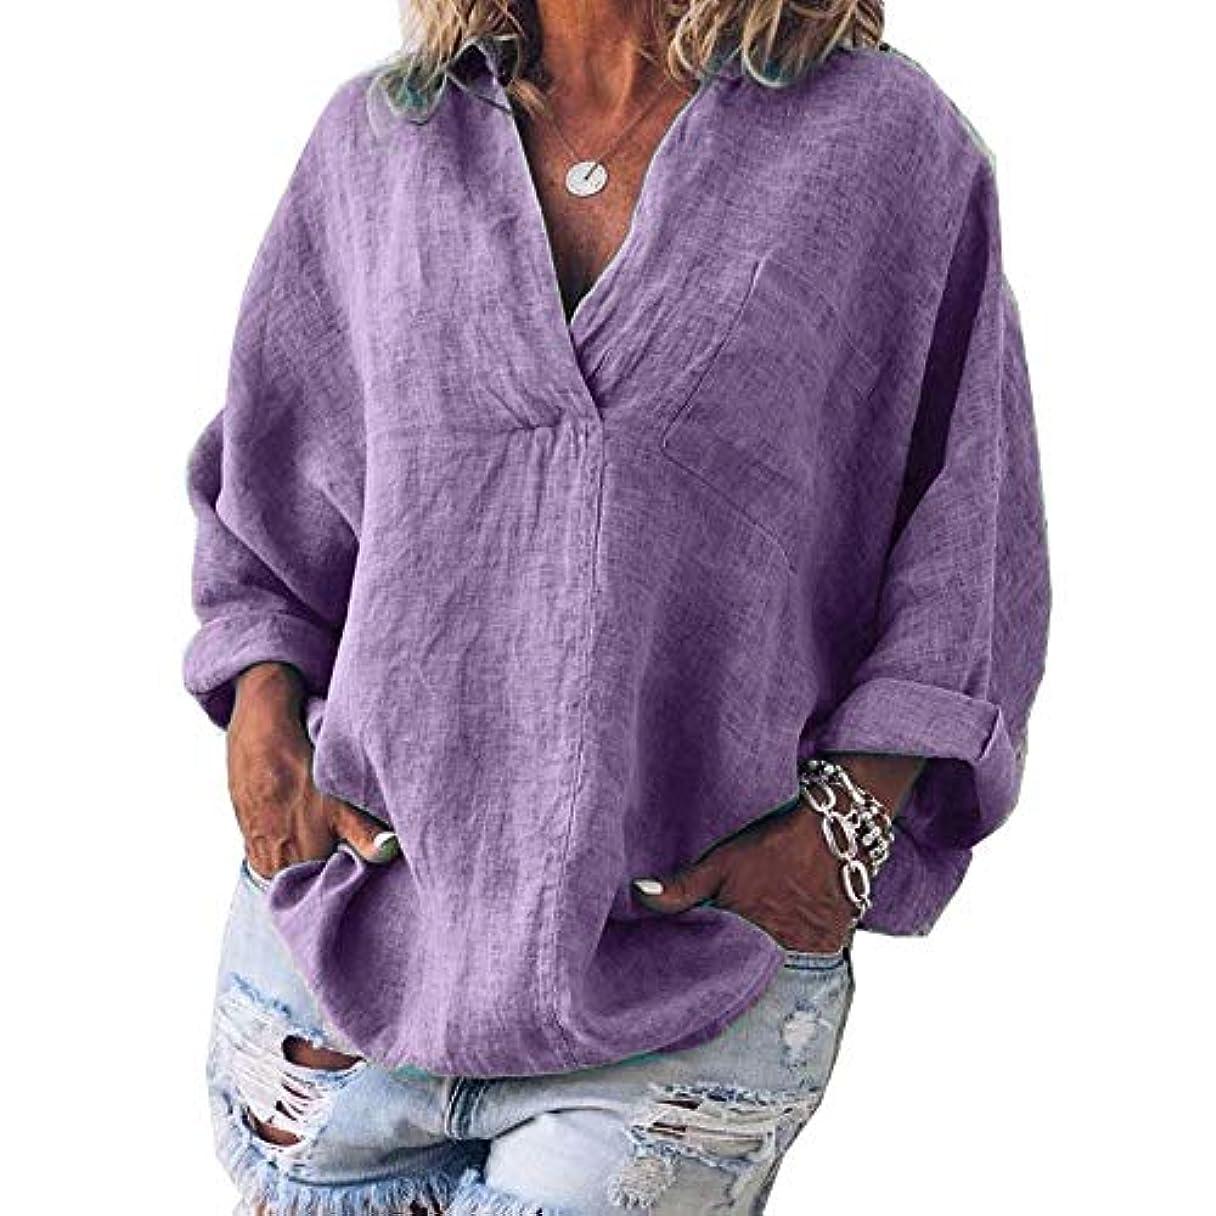 ラップ注入漁師MIFAN女性ファッション春夏チュニックトップス深いVネックTシャツ長袖プルオーバールーズリネンブラウス